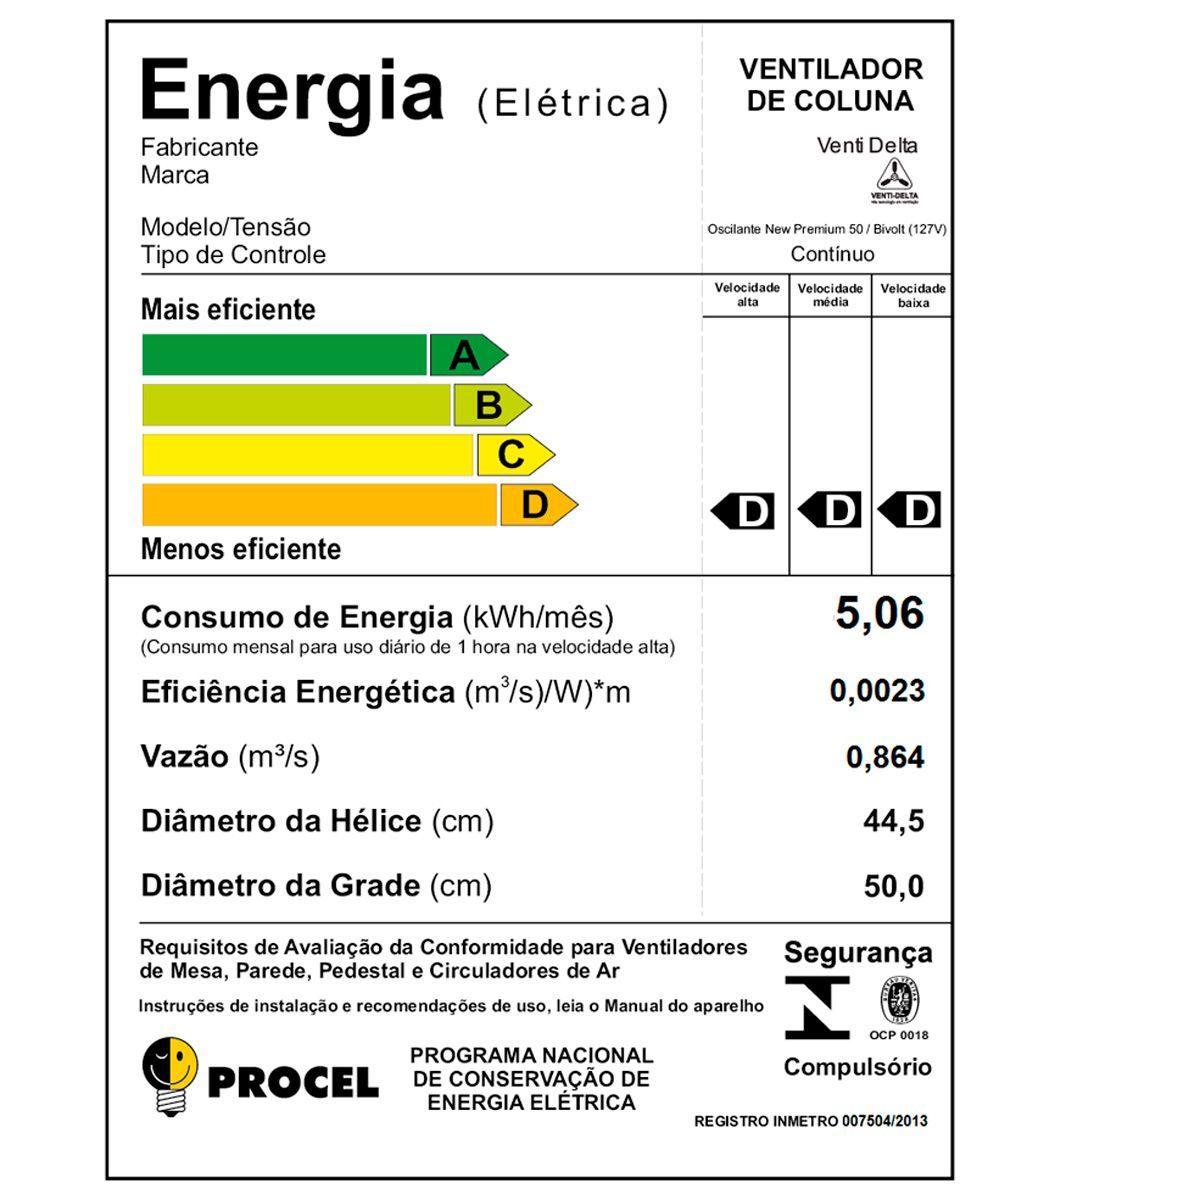 Ventilador de coluna 60 CM New premium - Venti-Delta